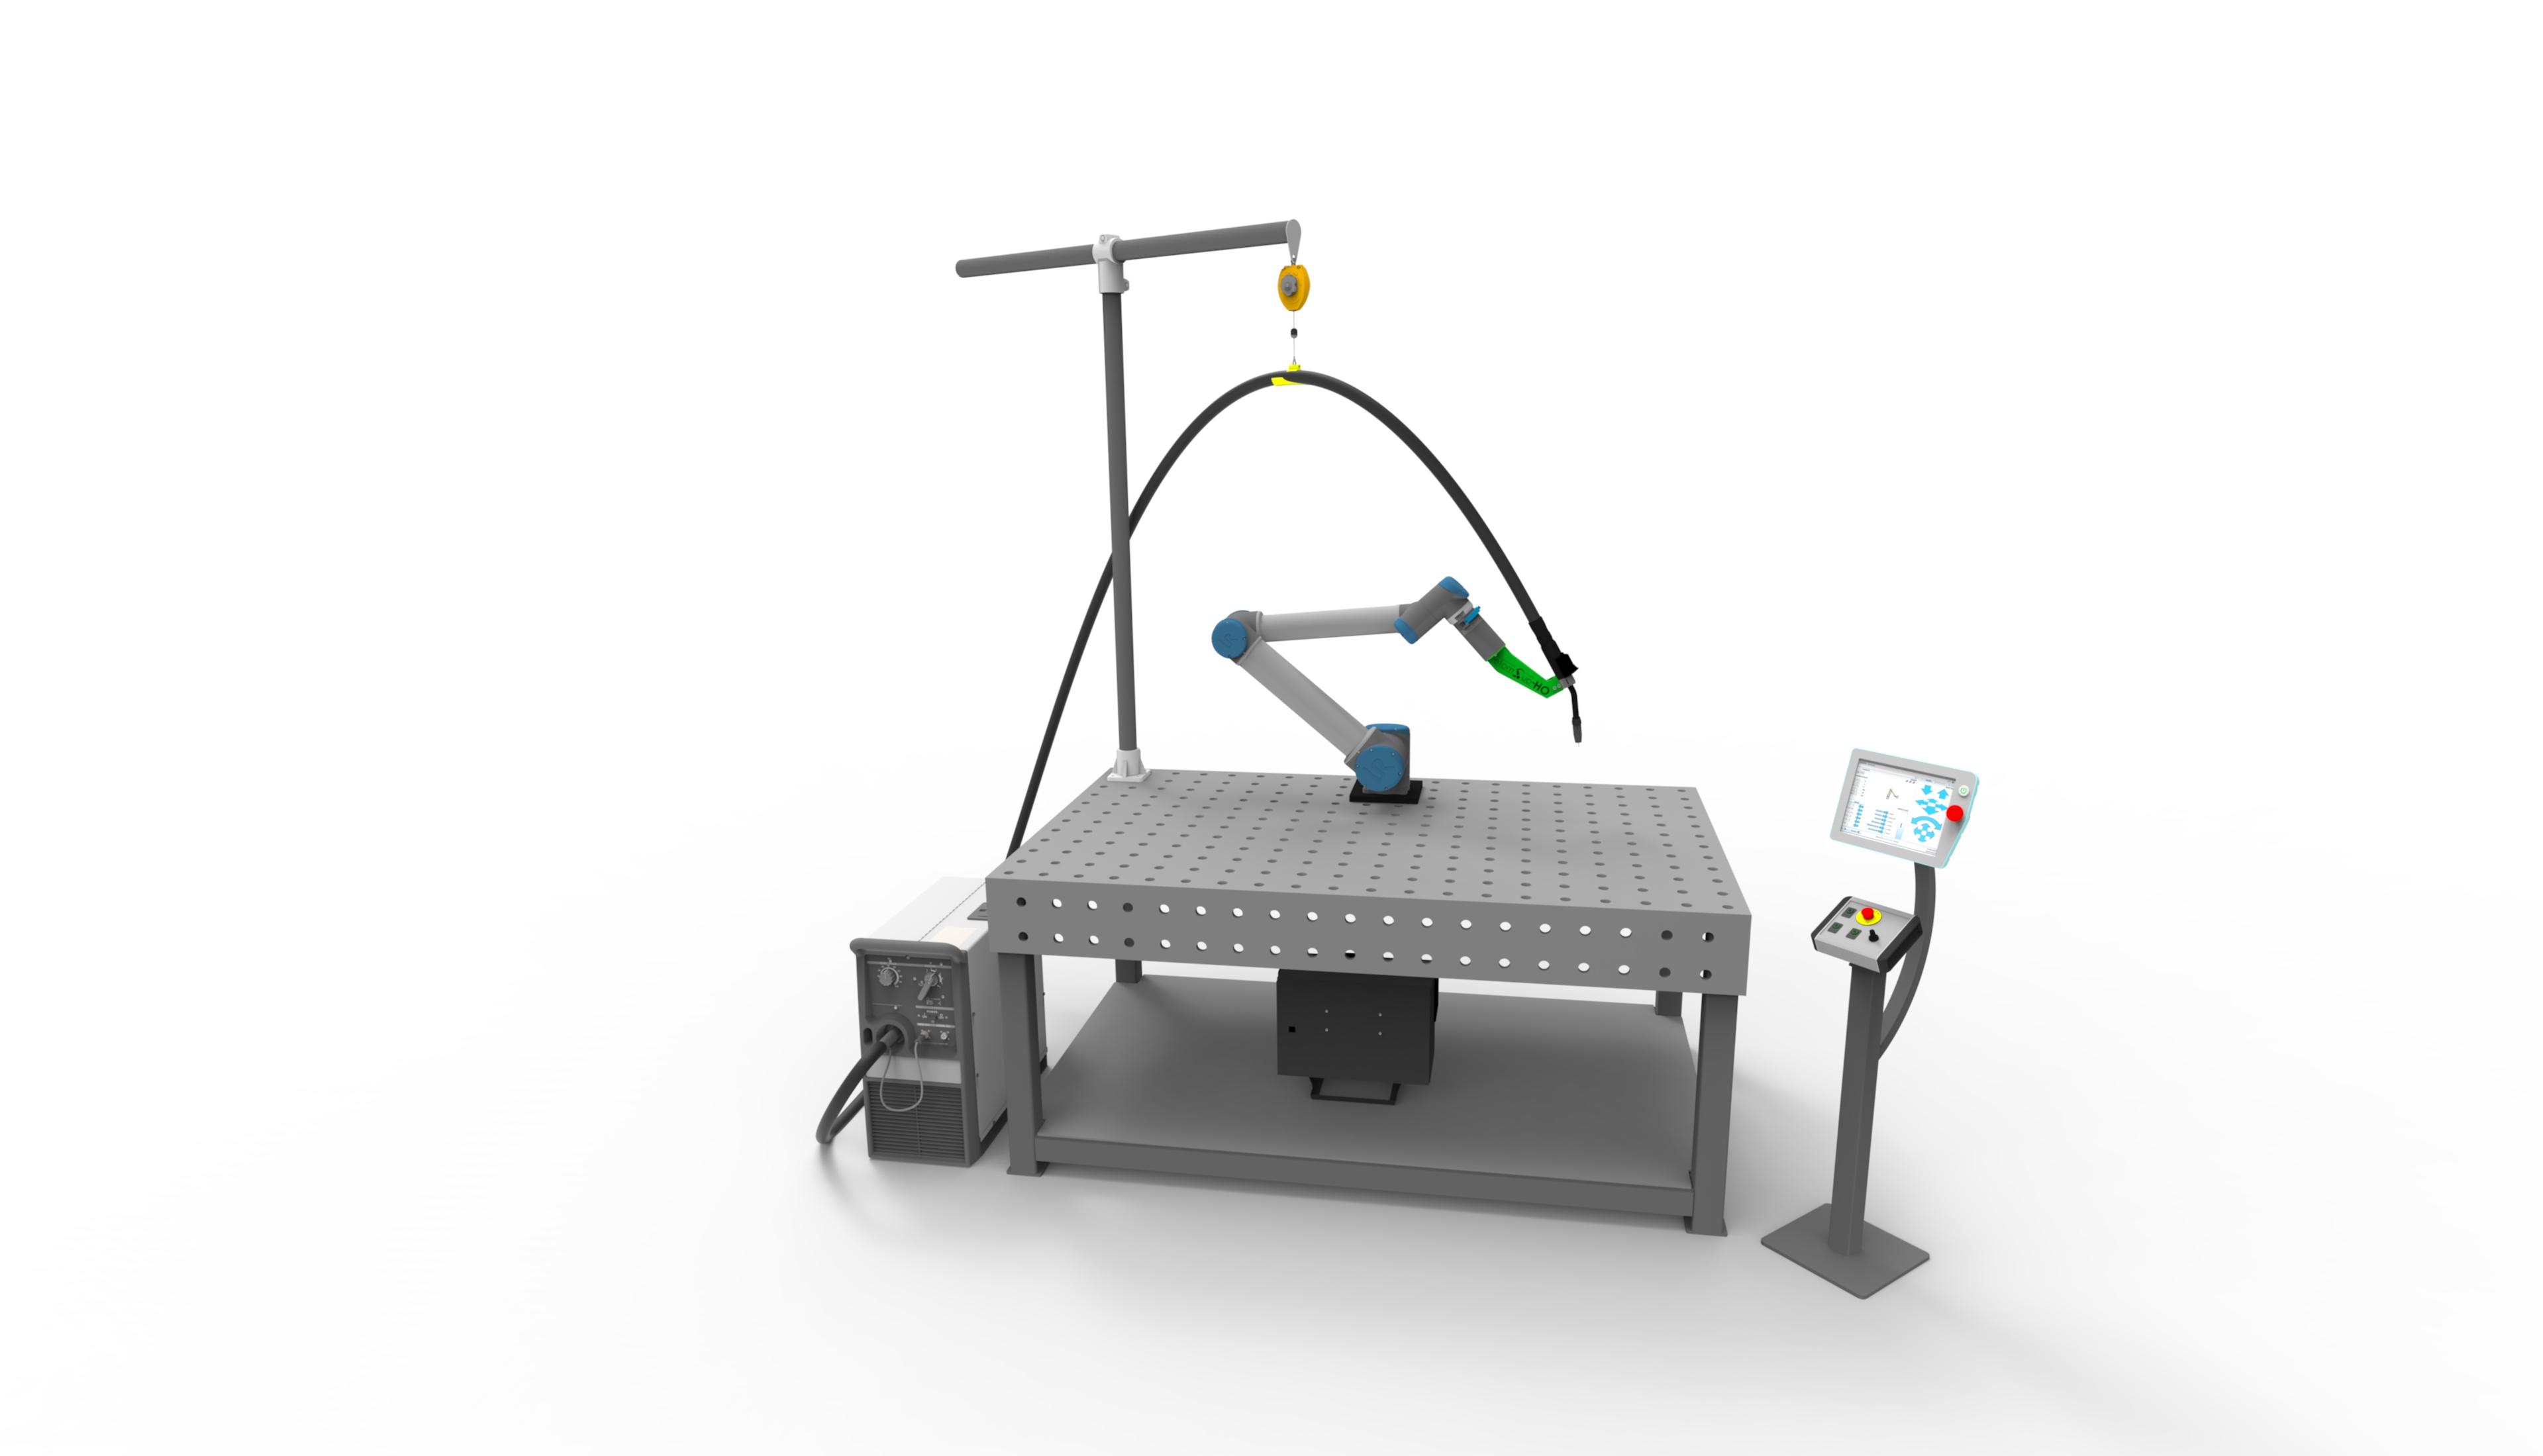 einfacher Schweissroboter, einfacher Aufbau, schnelle Installation, einfache Schweissanlage